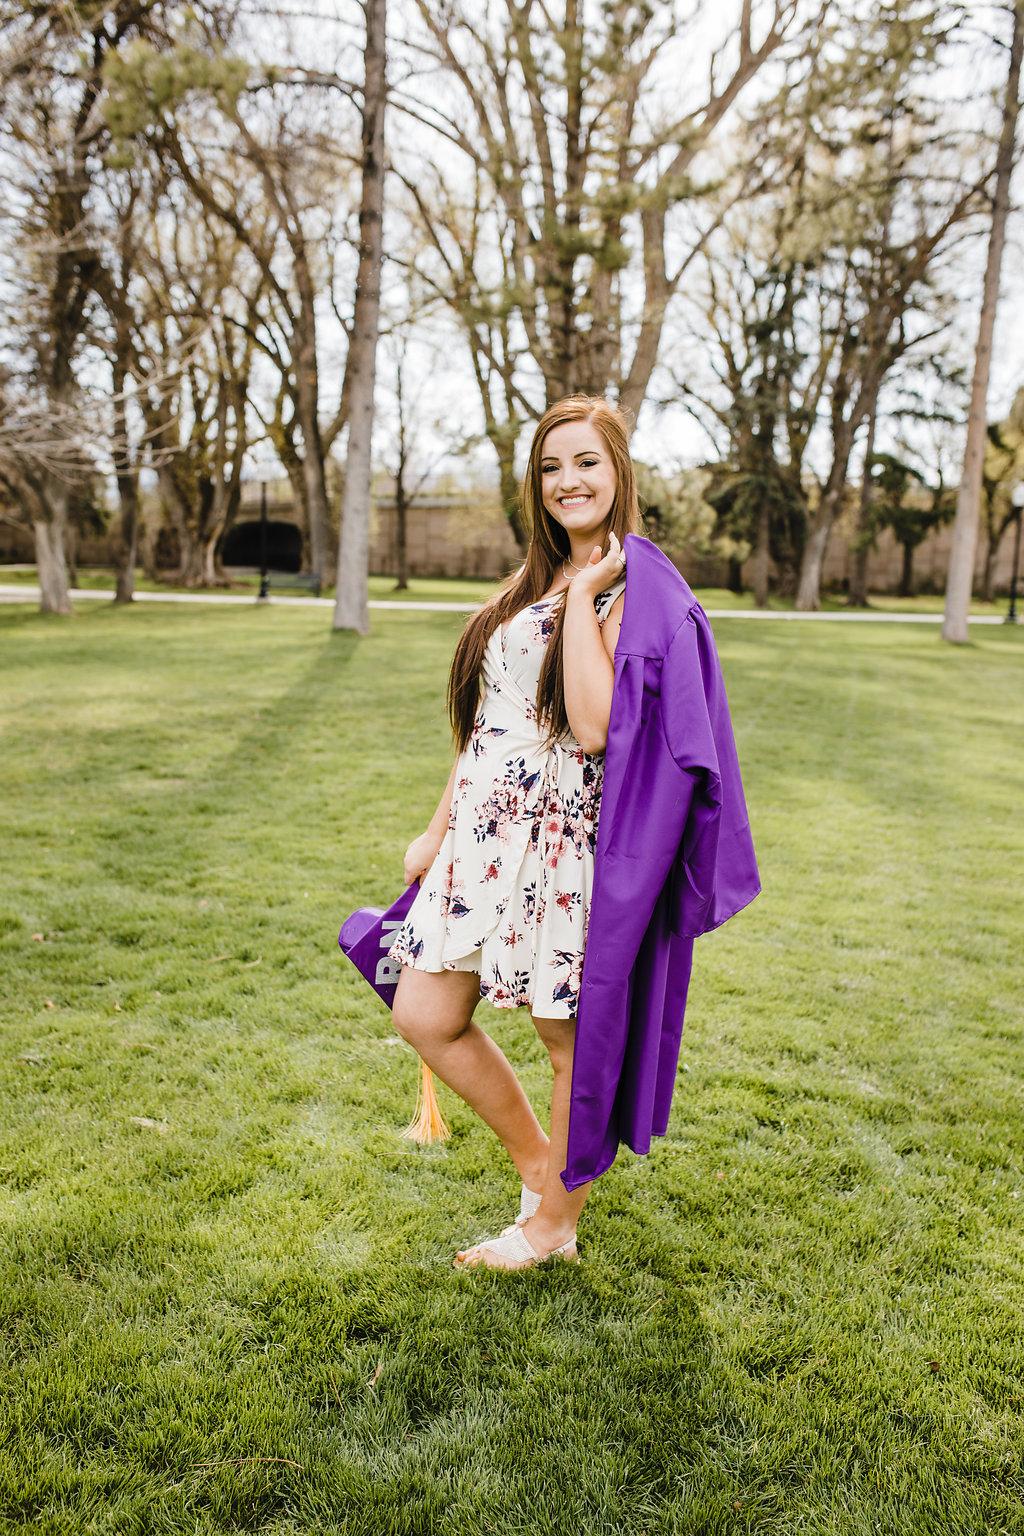 graduation cap and gown photos senior pictures logan utah